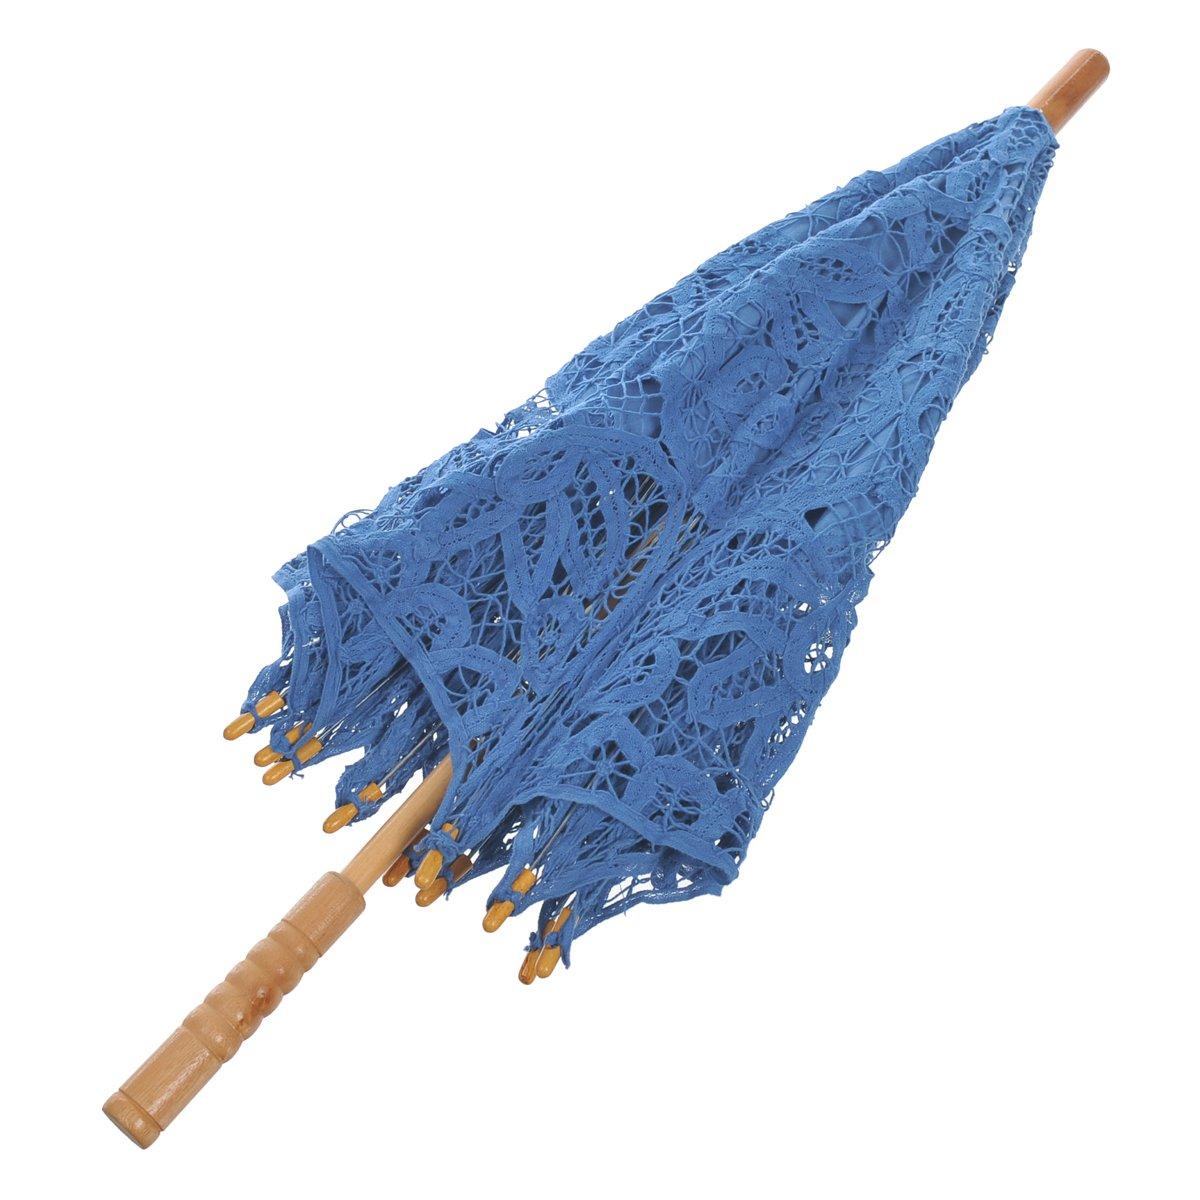 Remedios(19 colors) Vintage Bridal Wedding Party Cotton Lace Parasol Umbrella 4